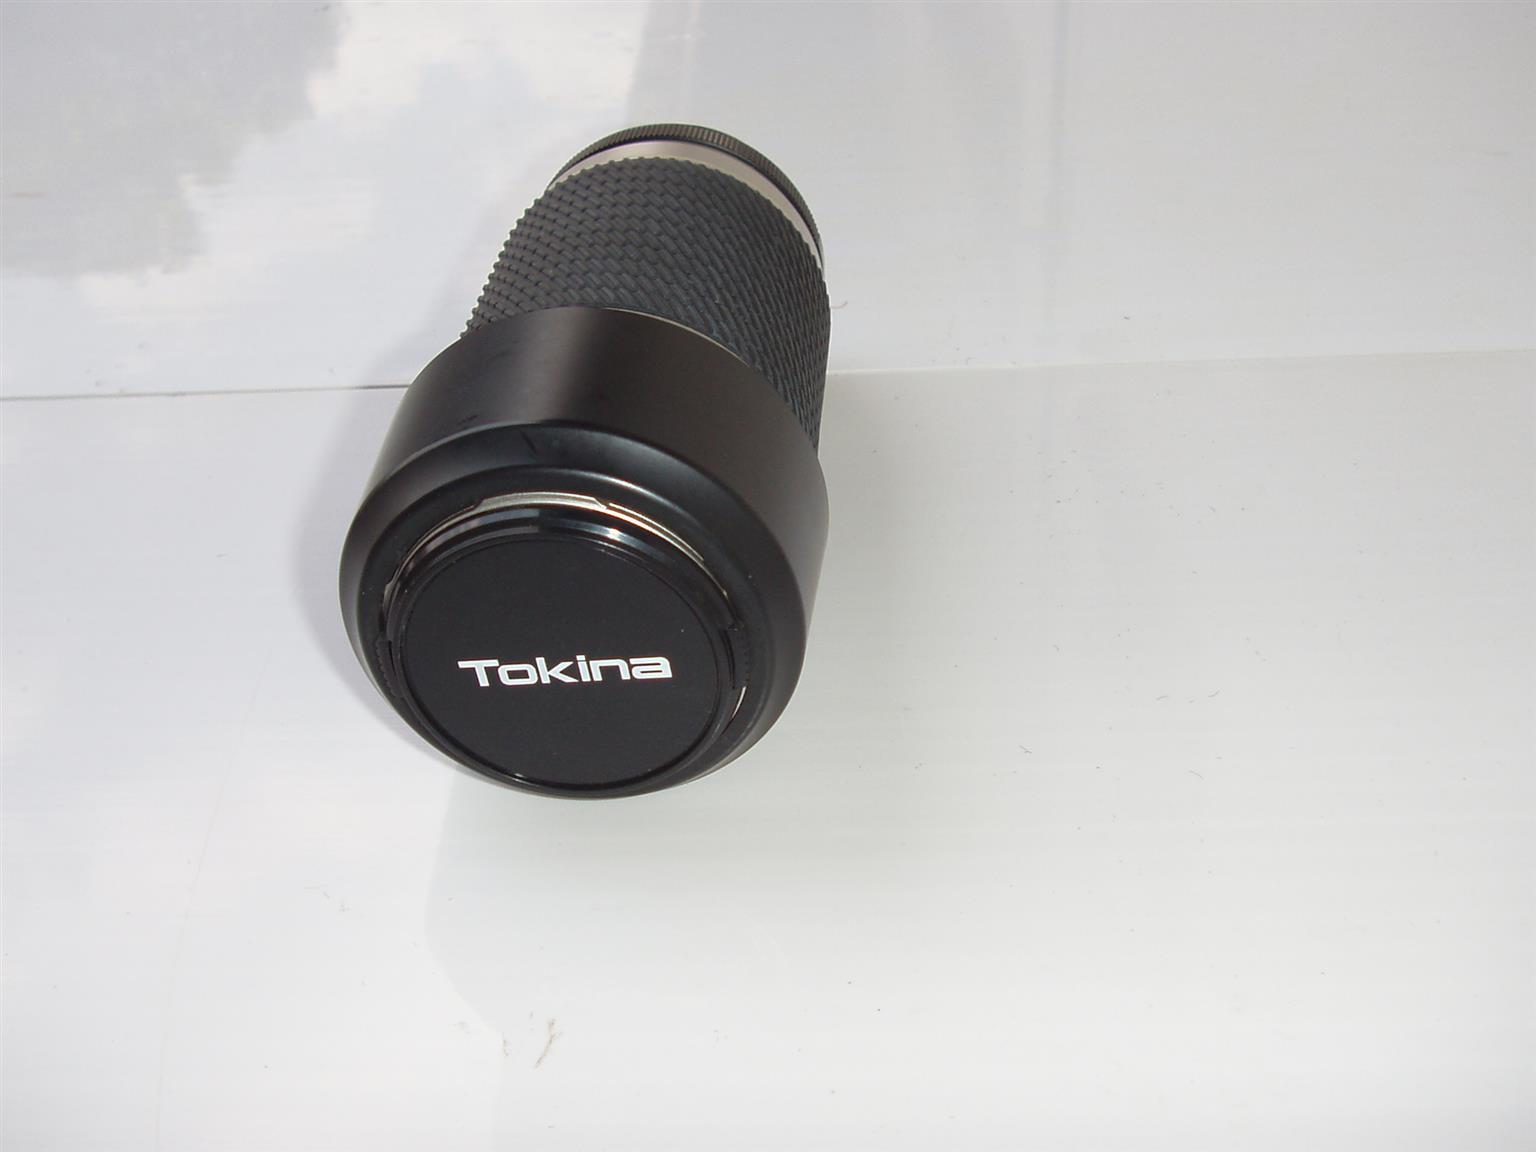 Tokina AF 100-300mm 1:5.6 - 6.7 Lens - in excellent condition